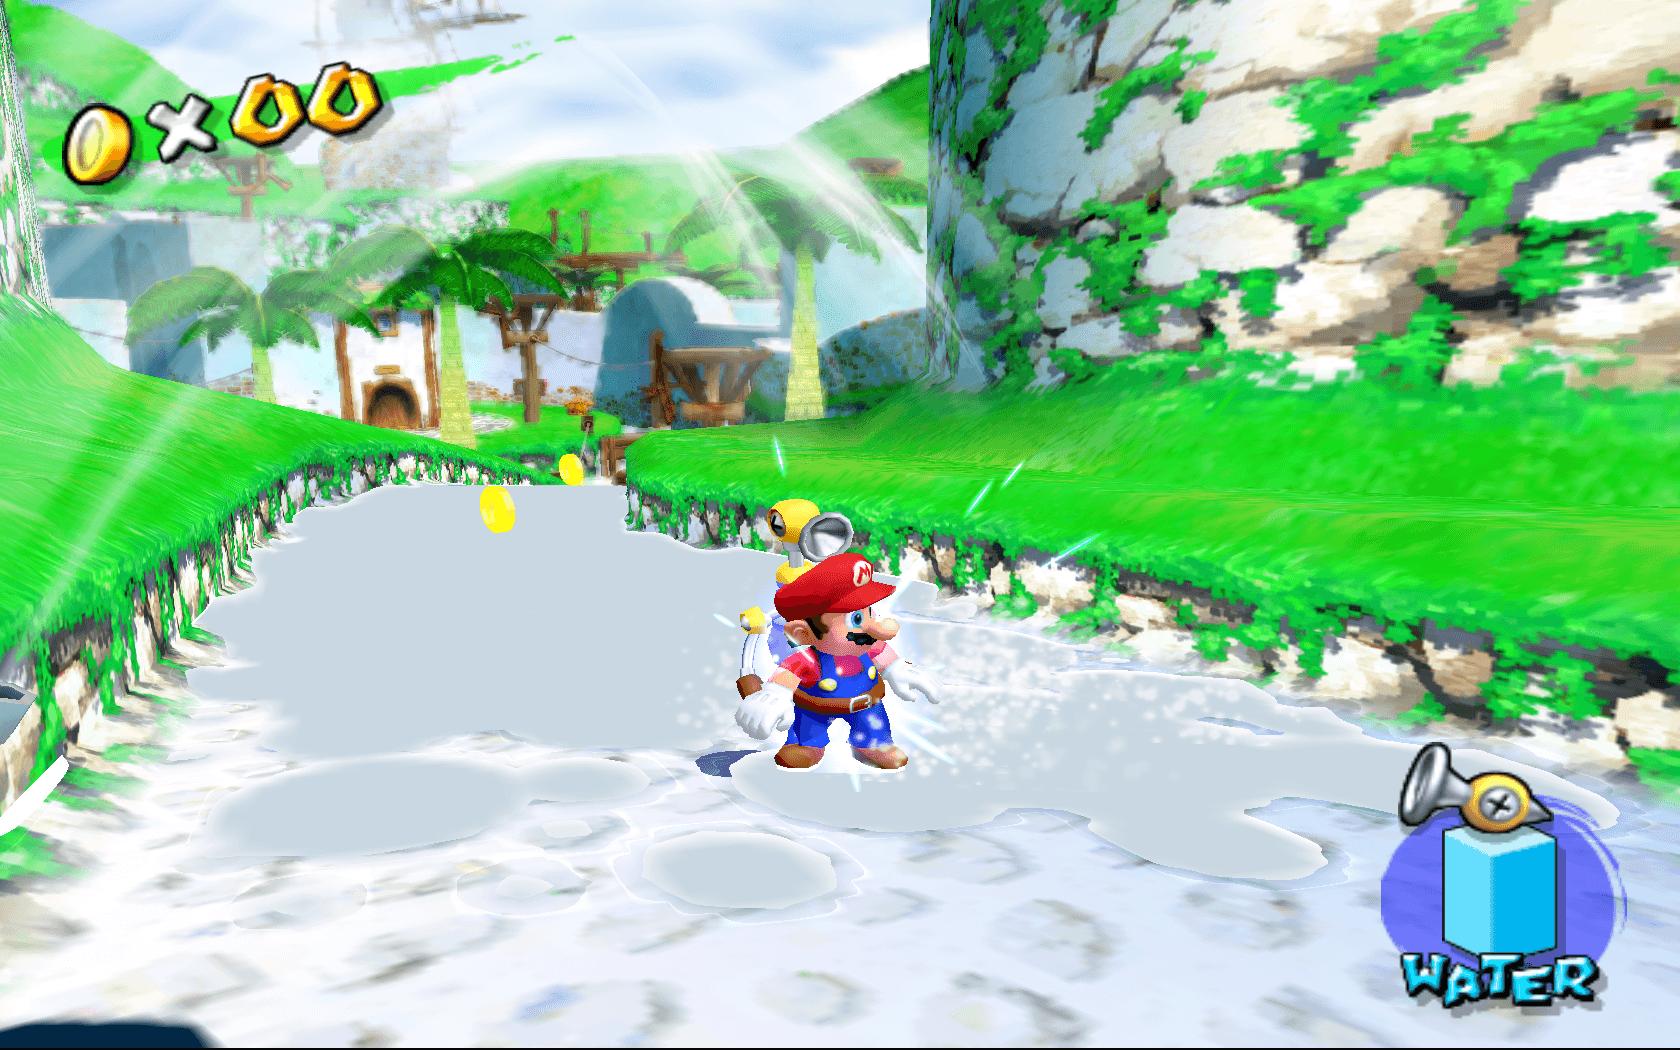 Mario gets wet!